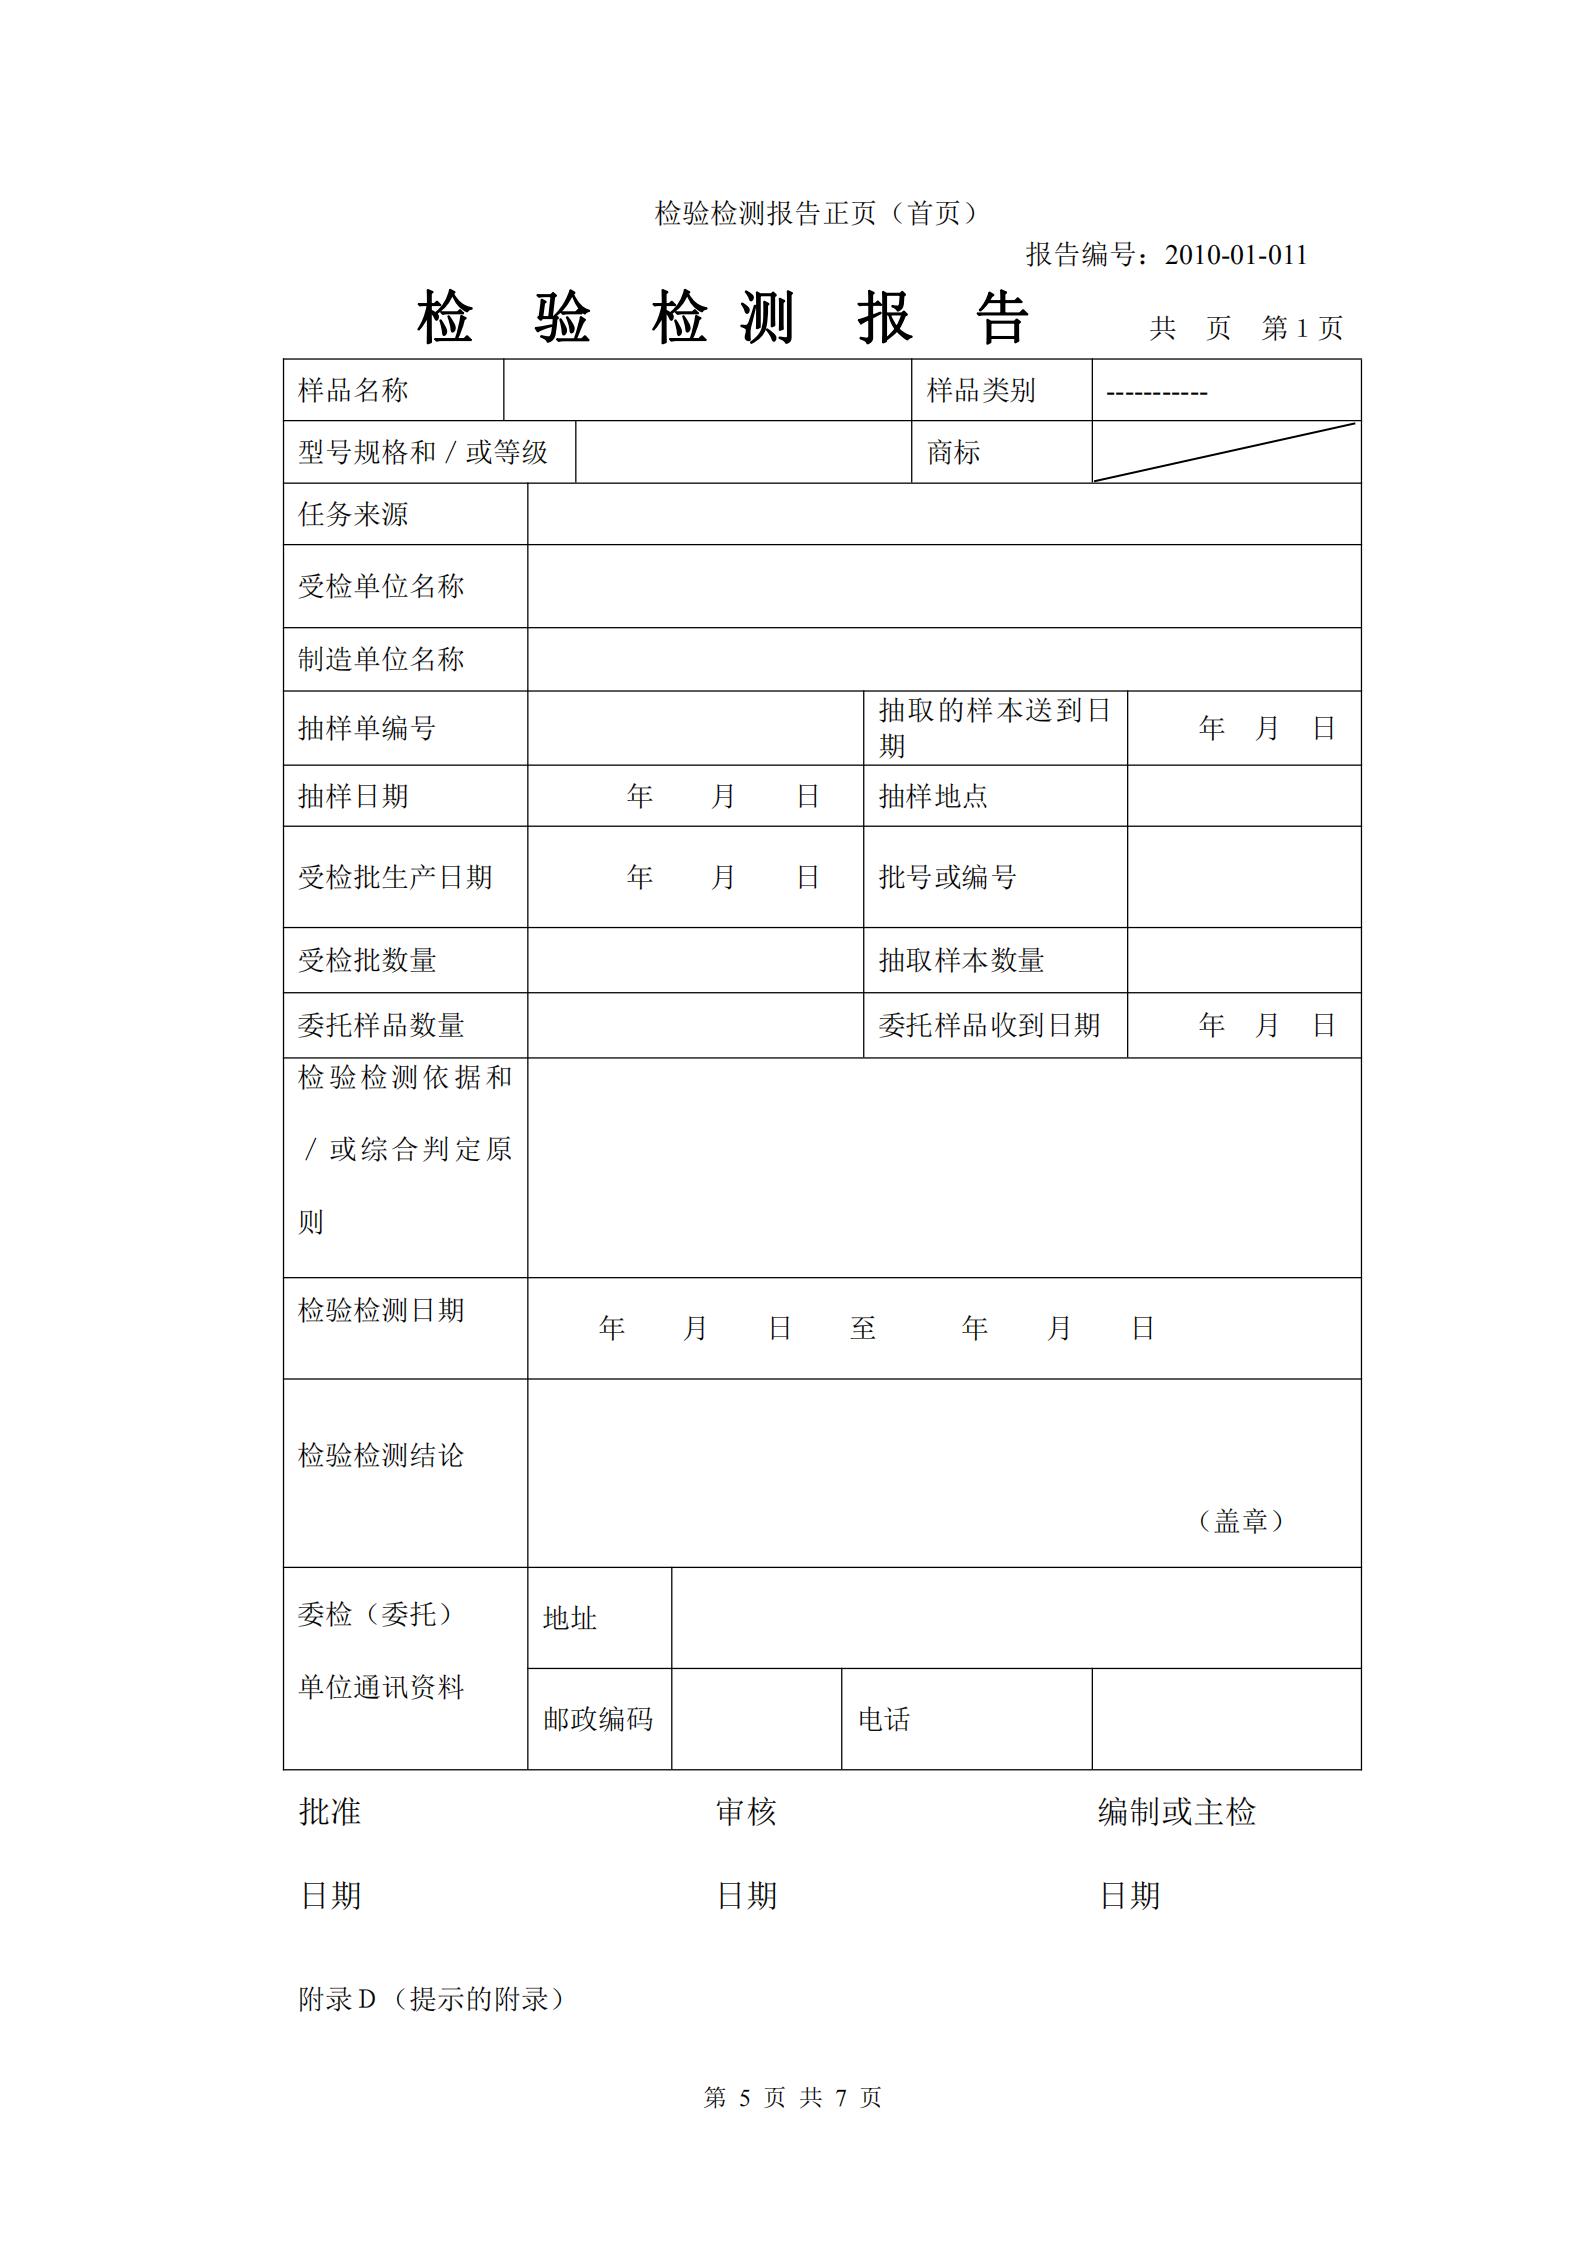 分包报告格式_04.png